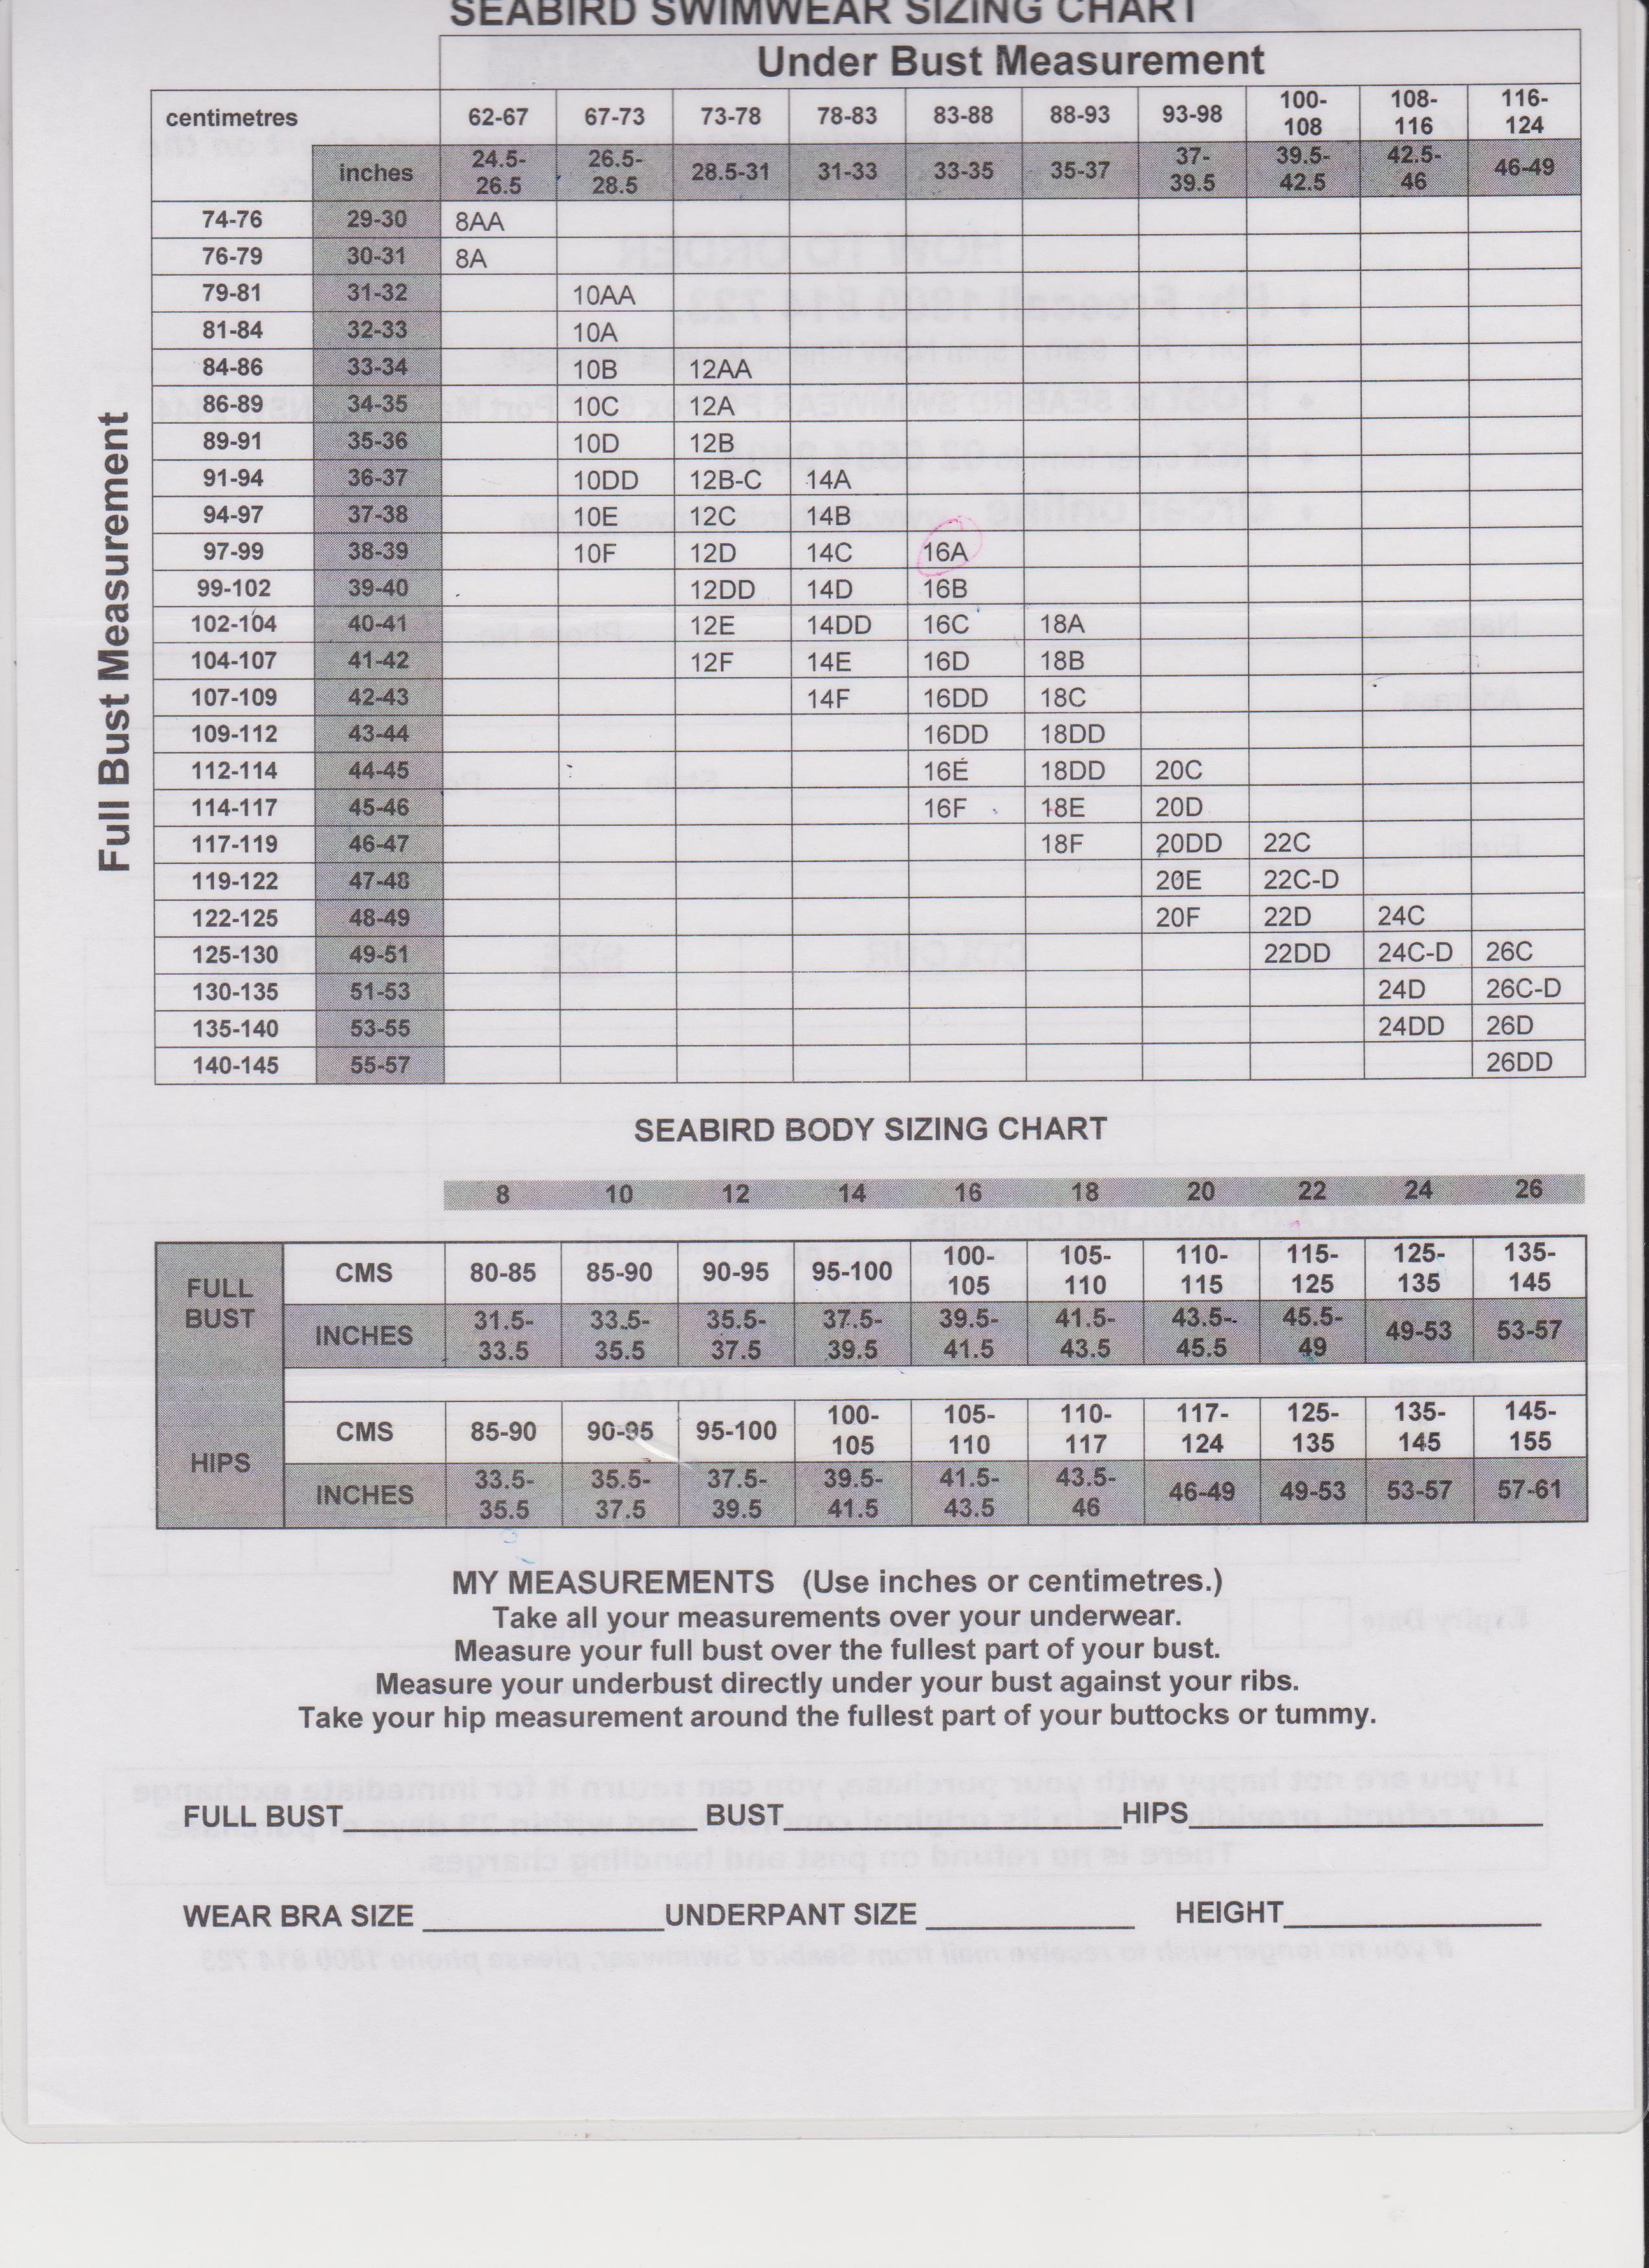 R410 chart